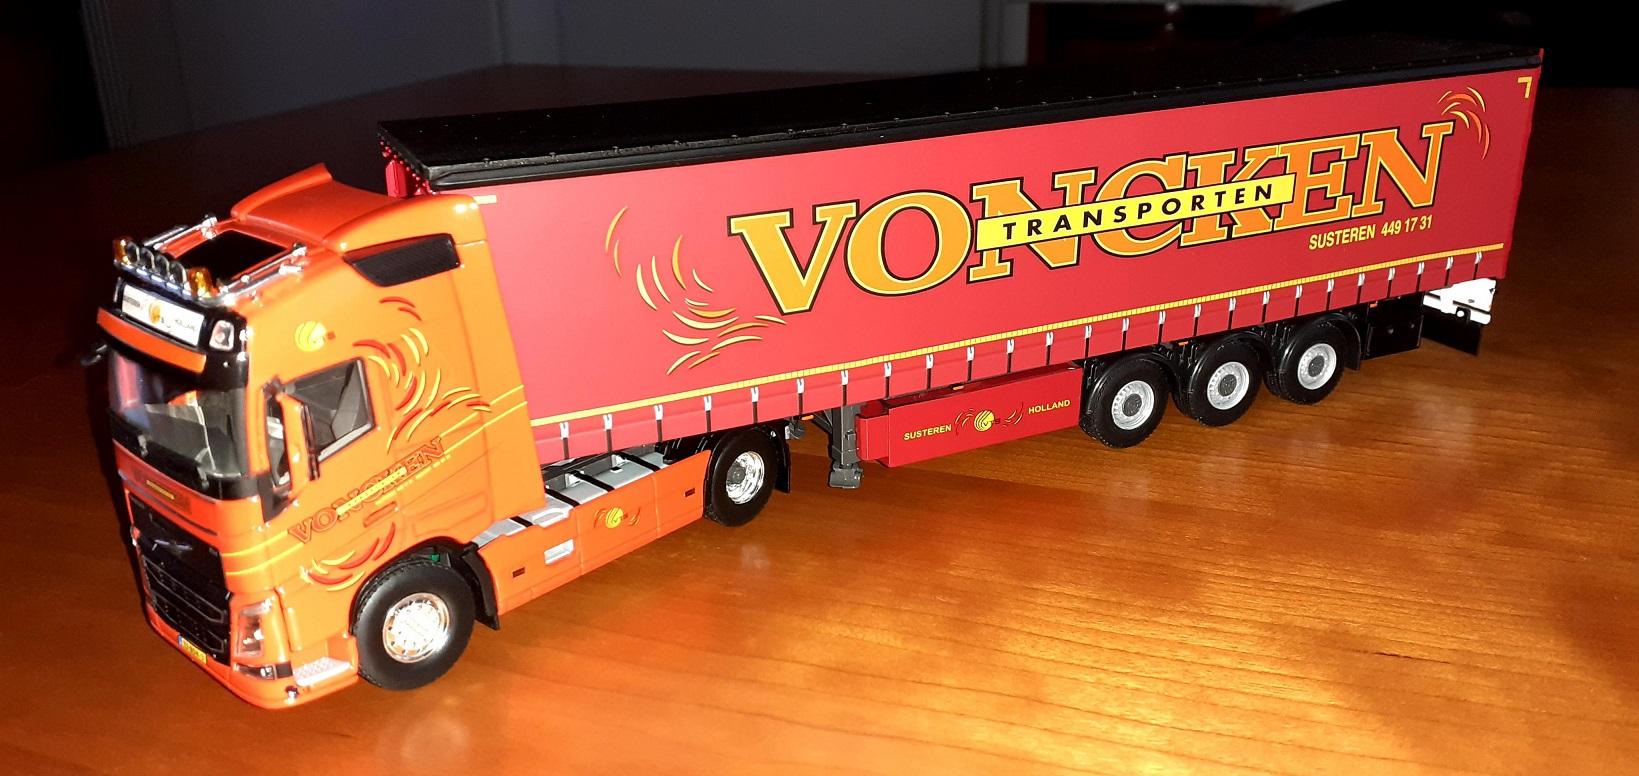 Voncken-Xavier-Walstock-heeft-deze-modellen-bewerkt-(4)